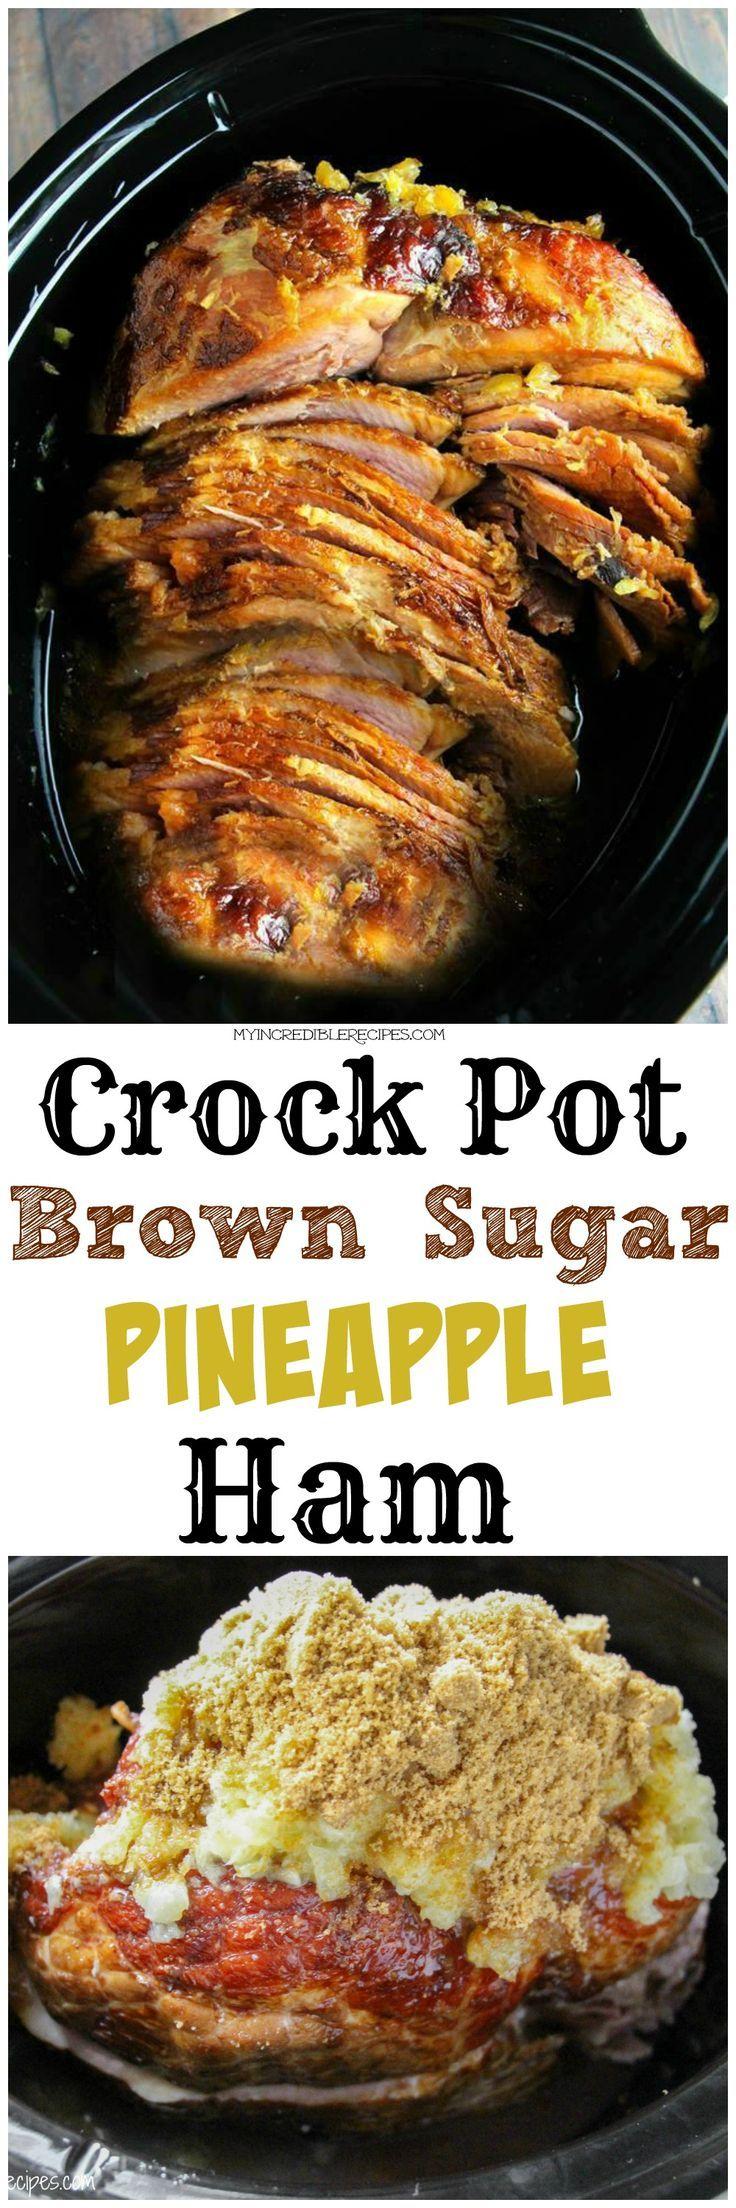 Crock Pot Brown Sugar Pineapple Ham!